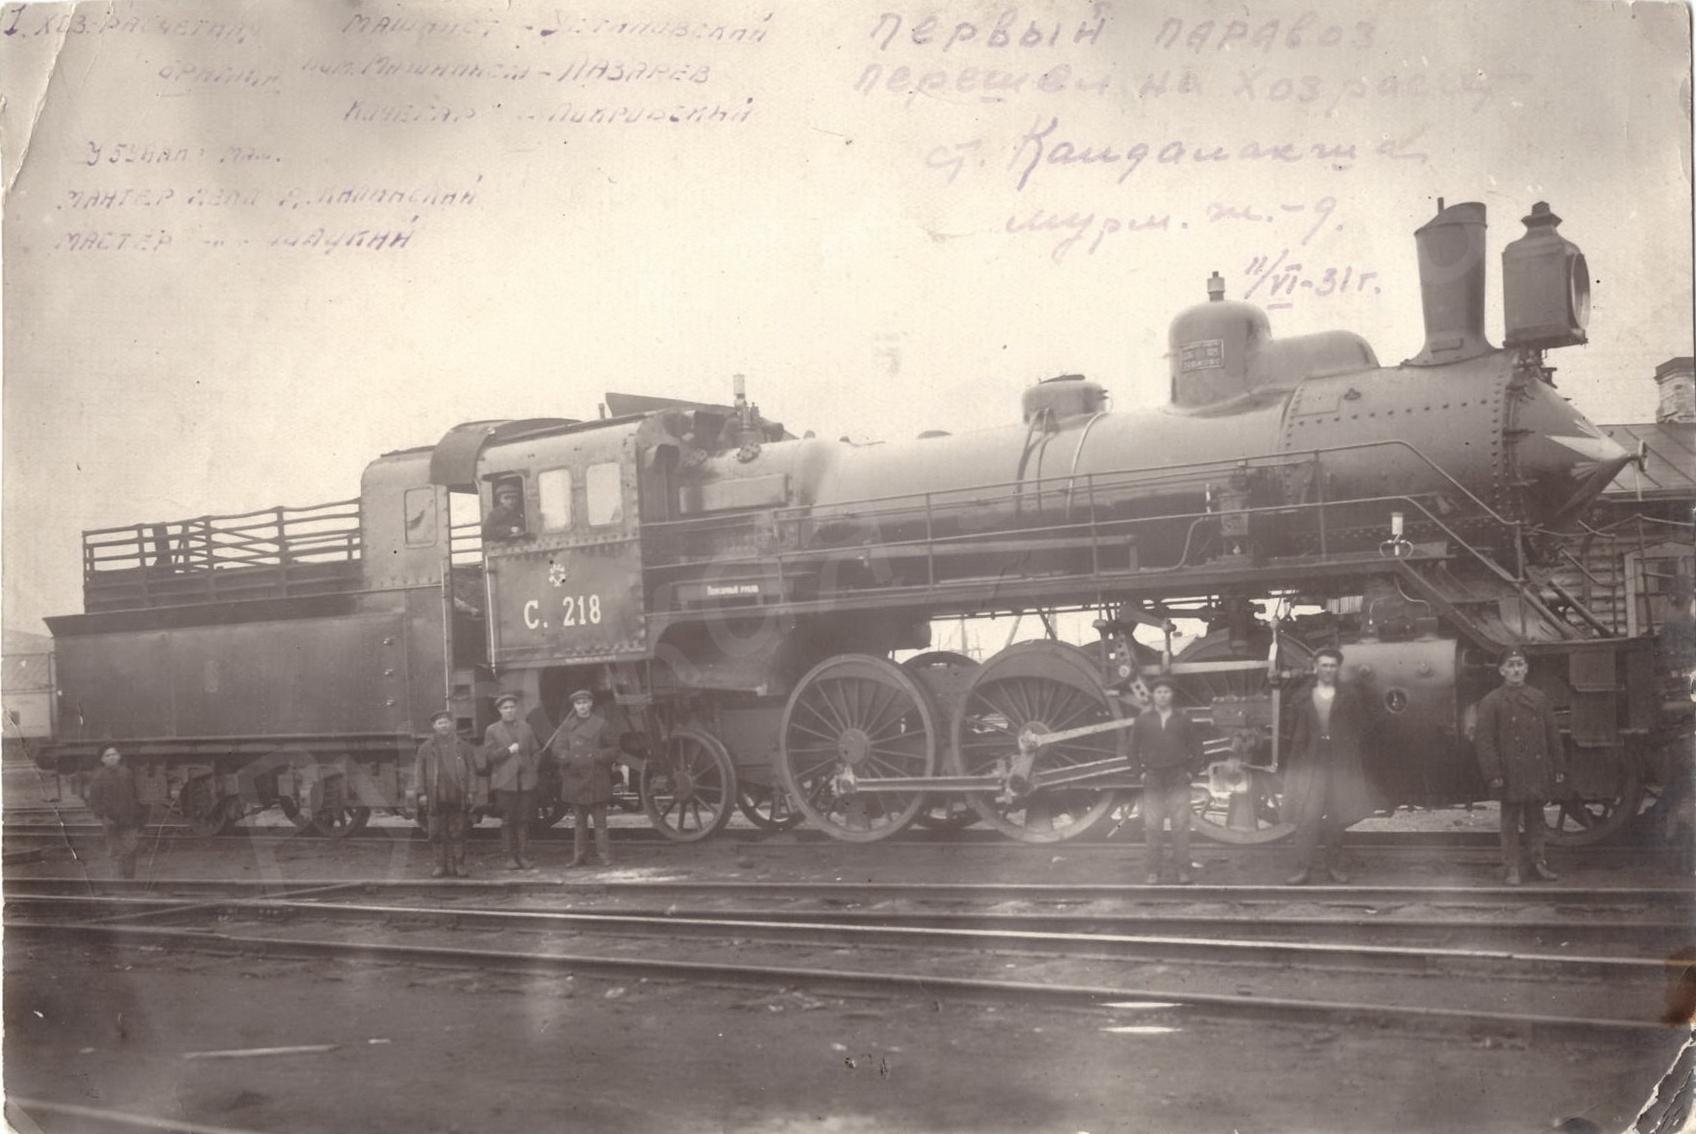 1931. Первый паровоз перешёл на хозрасчёт. Ст. Кандалакша Мурманской железной дороги